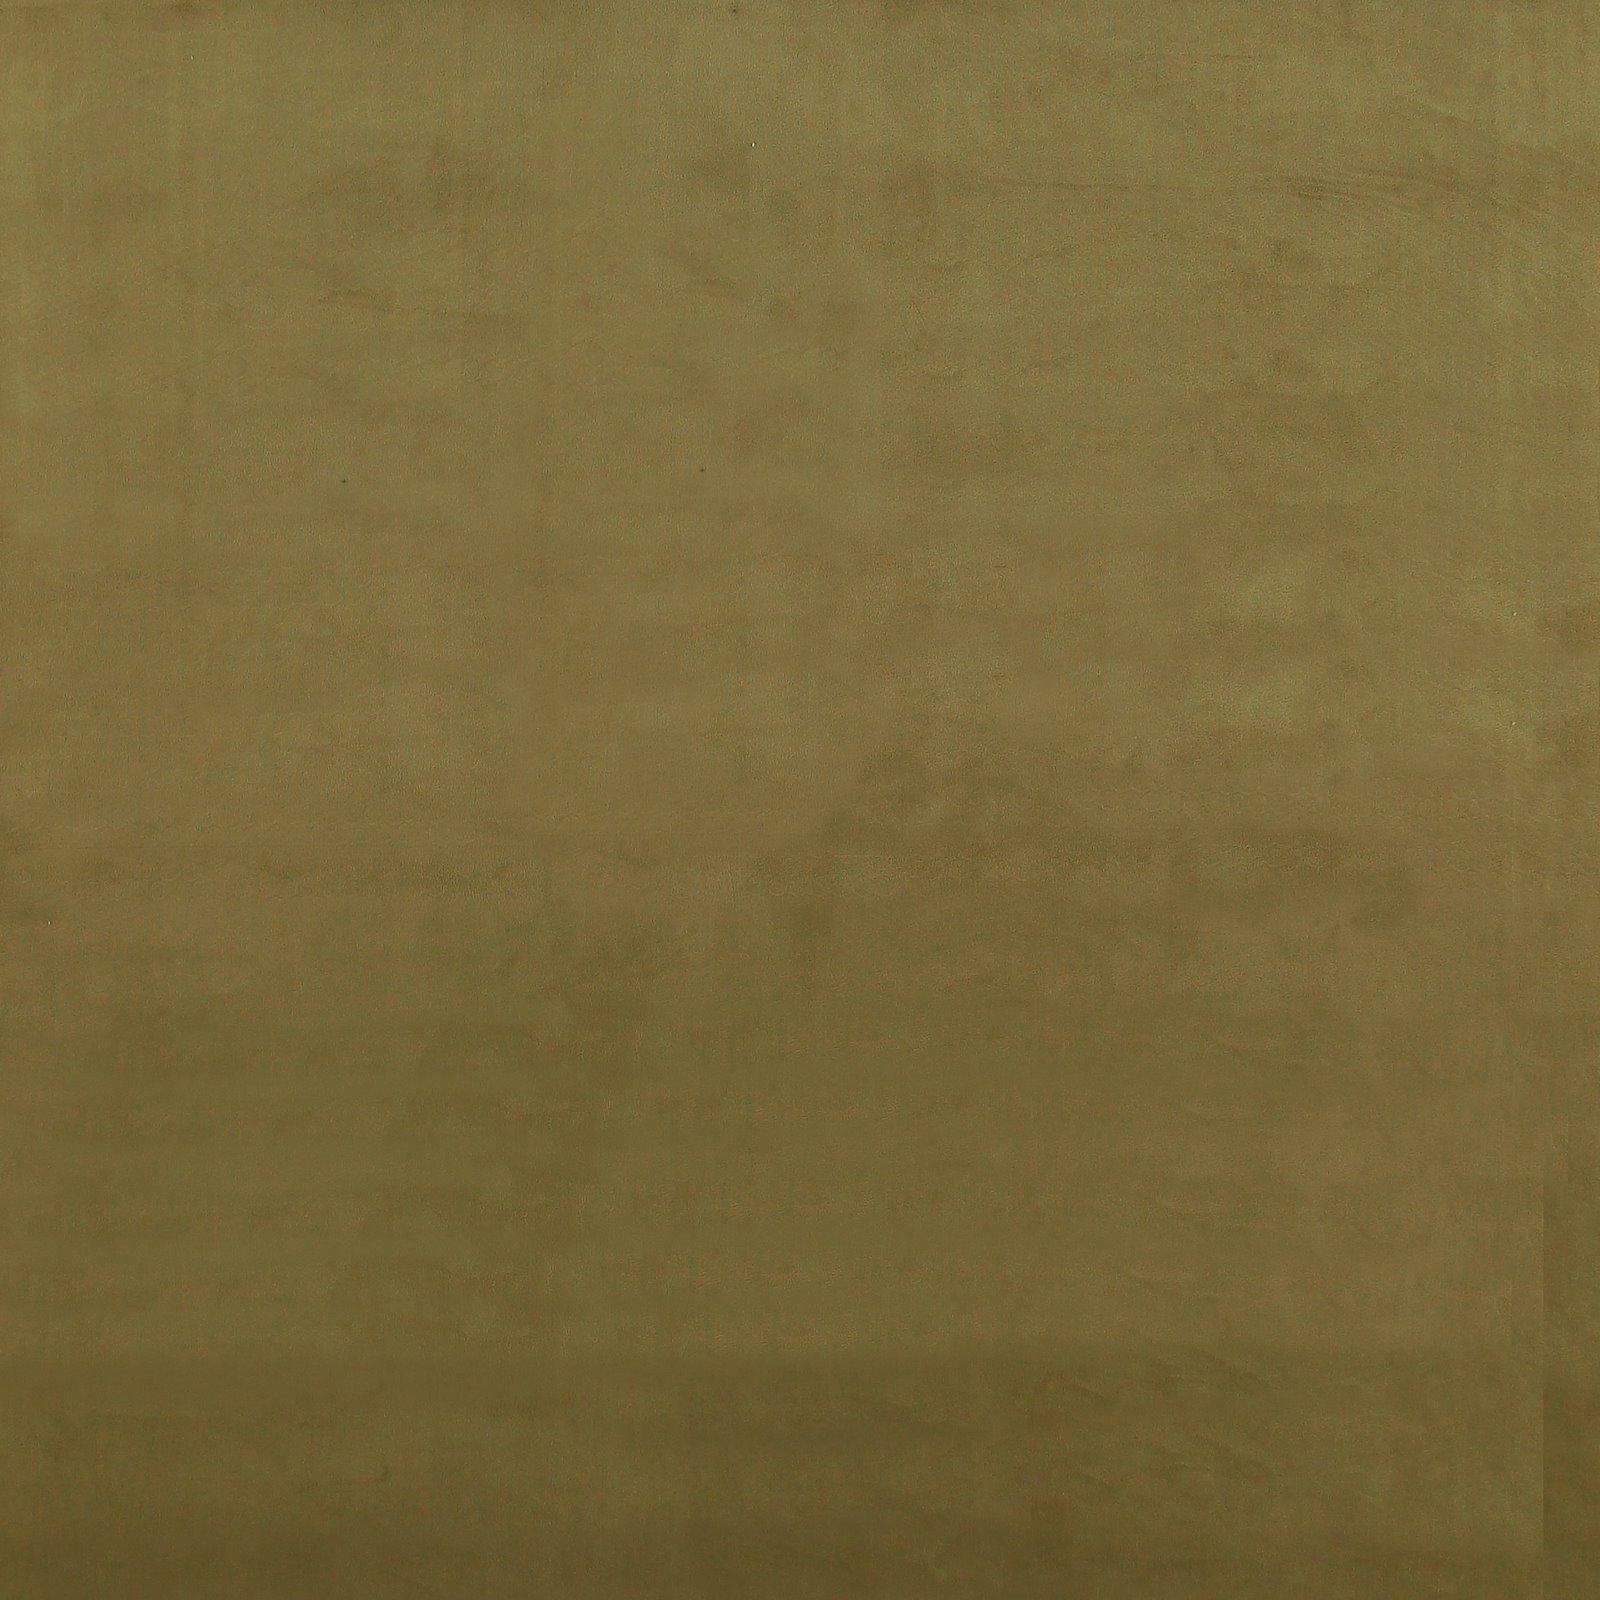 Upholstery shiny velvet dusty olive 824166_pack_solid